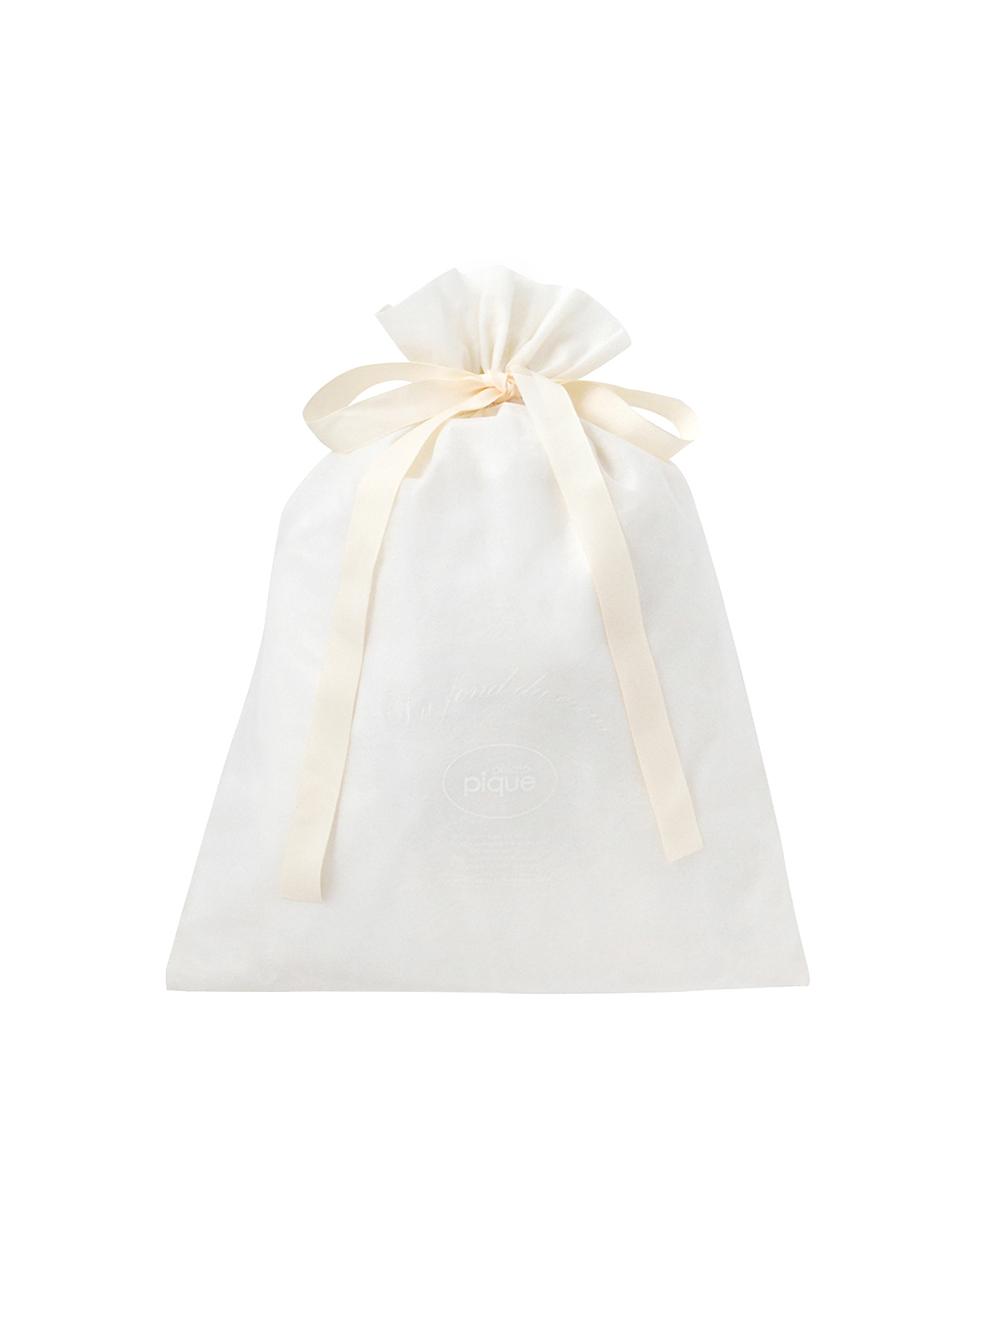 【ご自宅でラッピング】ギフト巾着(中)キット サイズ 400×530(OWHT-F)